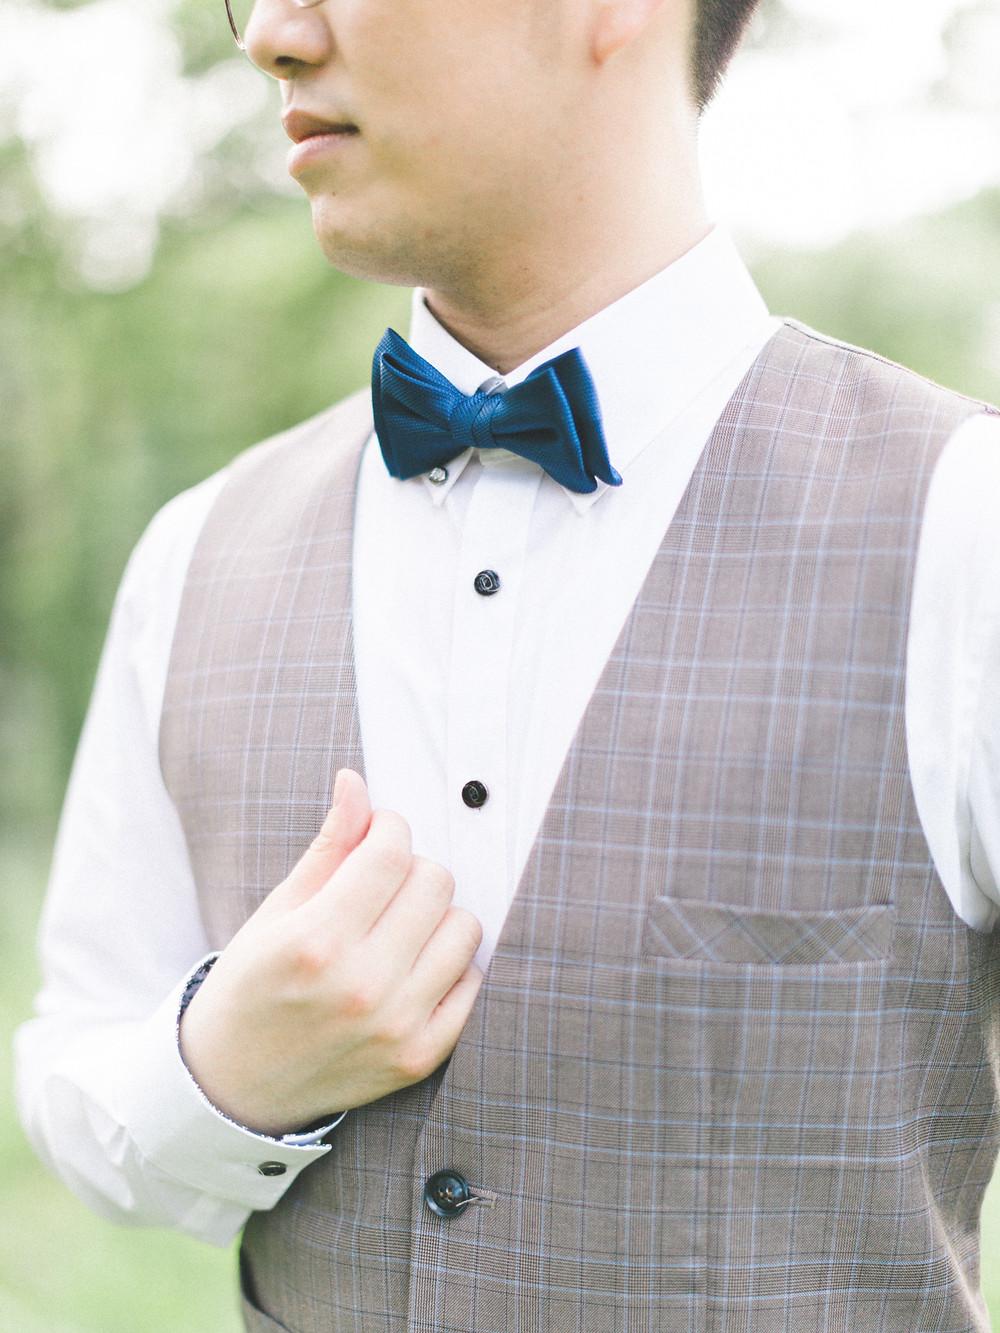 彥熹 & 彥志 Engagement (Pre-Wedding) in Taiwan